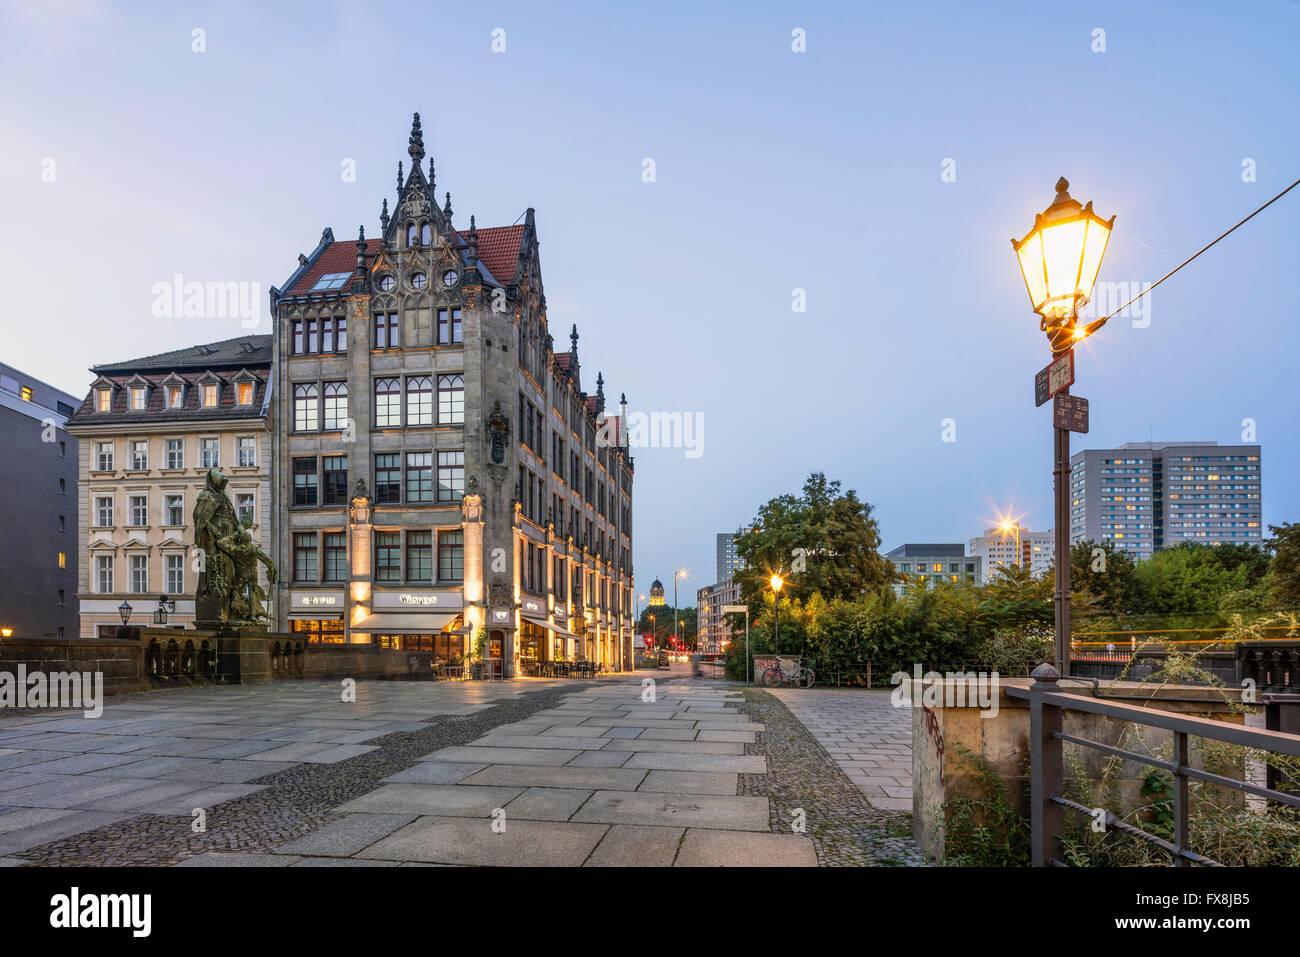 Hochzeitshaus hochzeit haus juwel palais for Haus dekorieren hochzeit